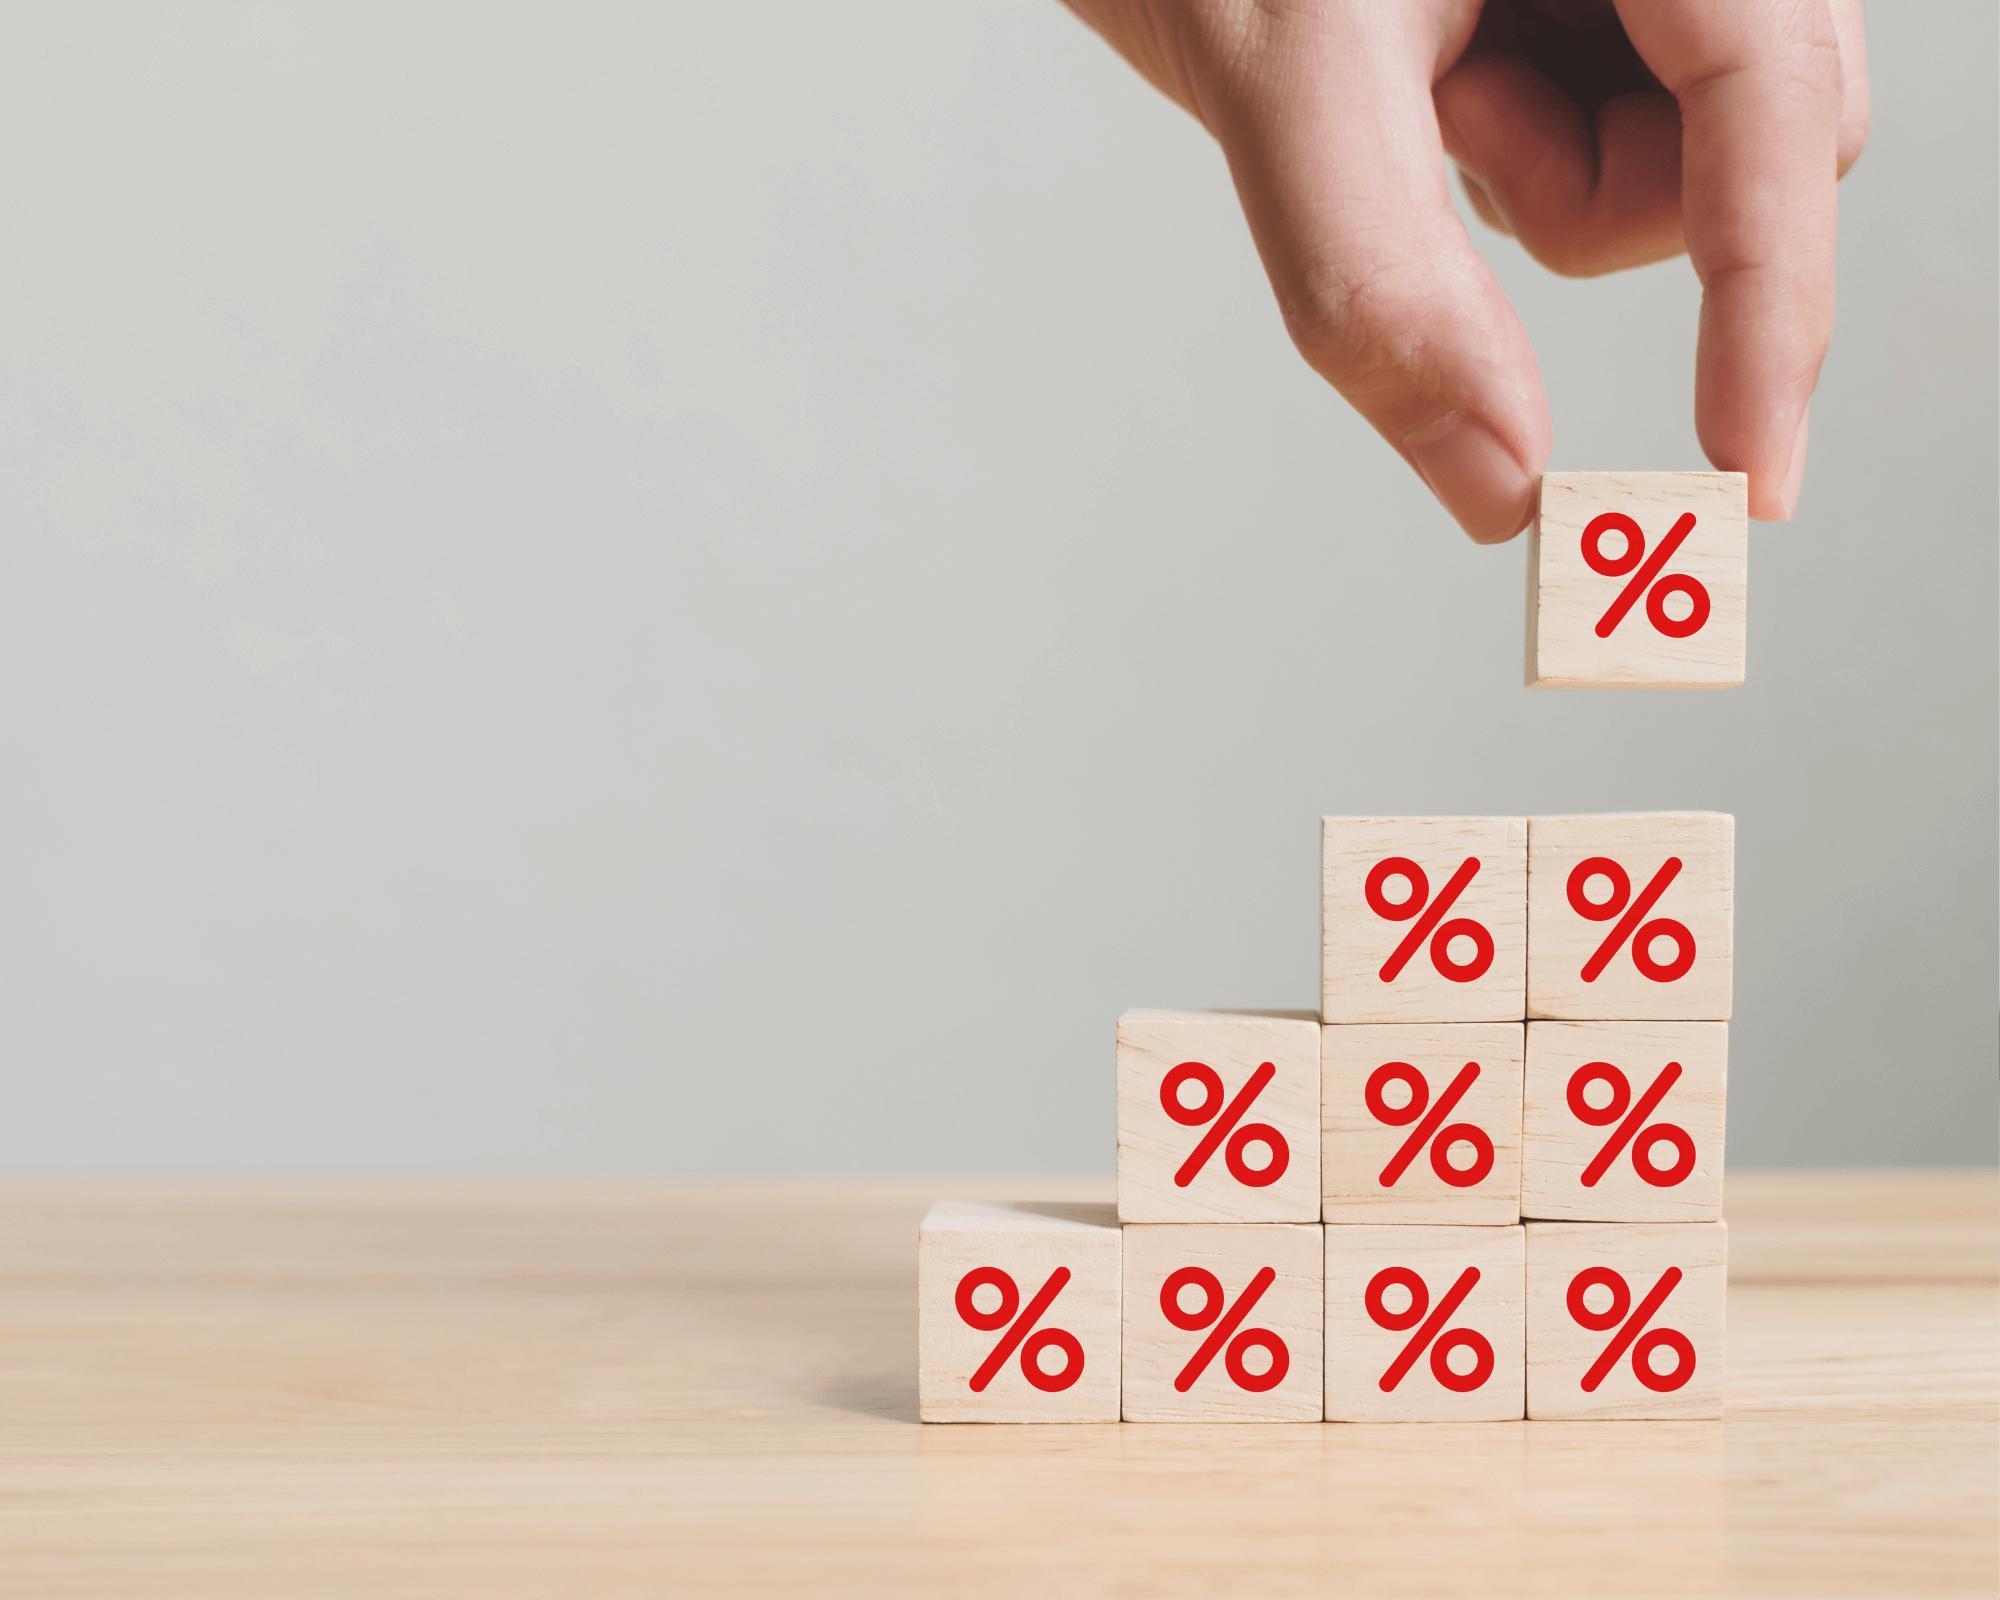 estrategia de precios basada en márgenes porcentuales